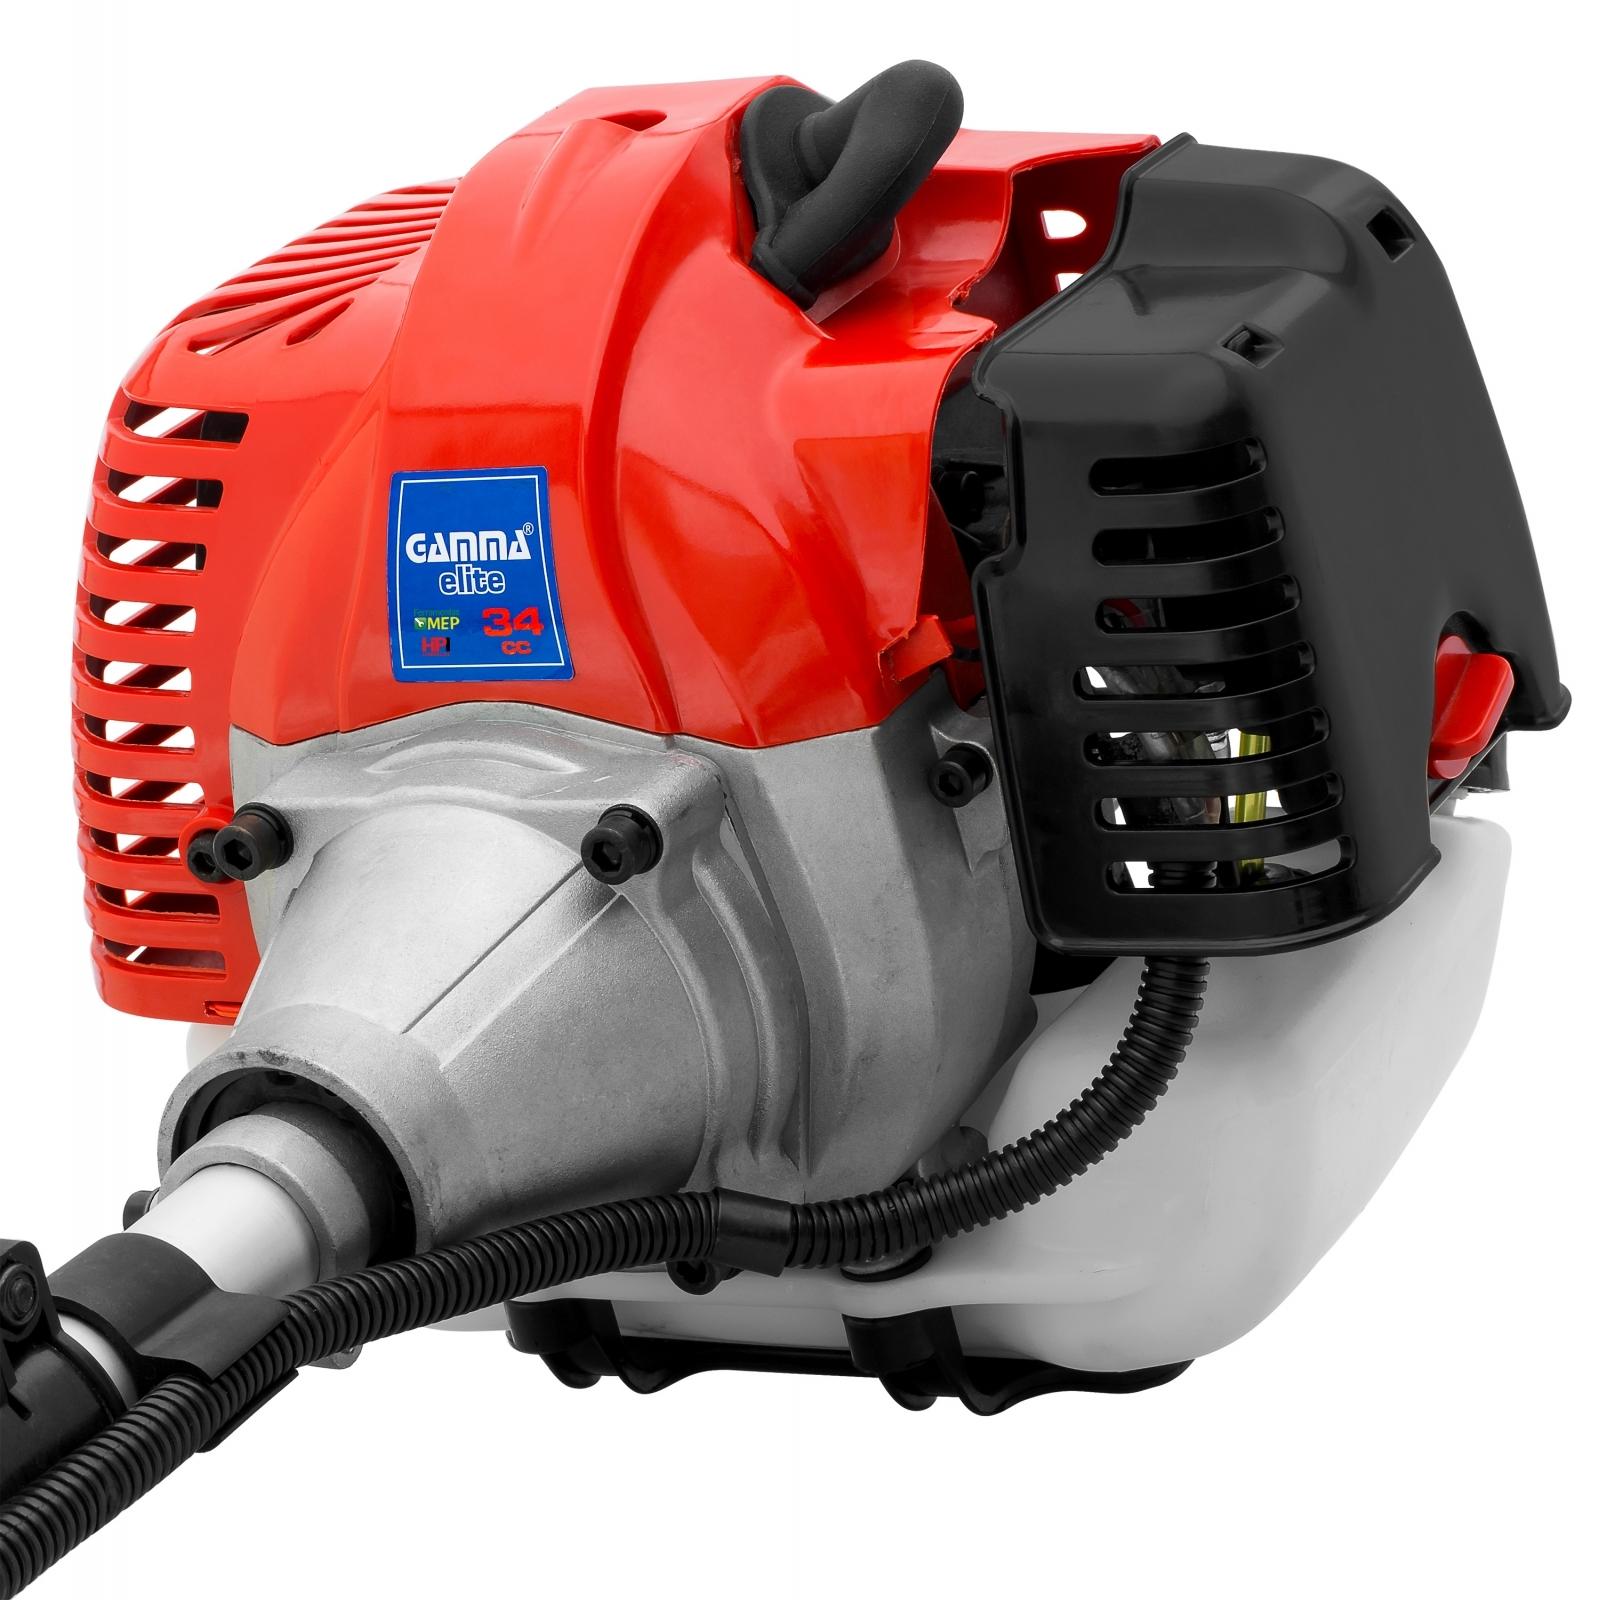 Roçadeira A Gasolina Gamma Elite 34CC G1837BR - Ferramentas MEP